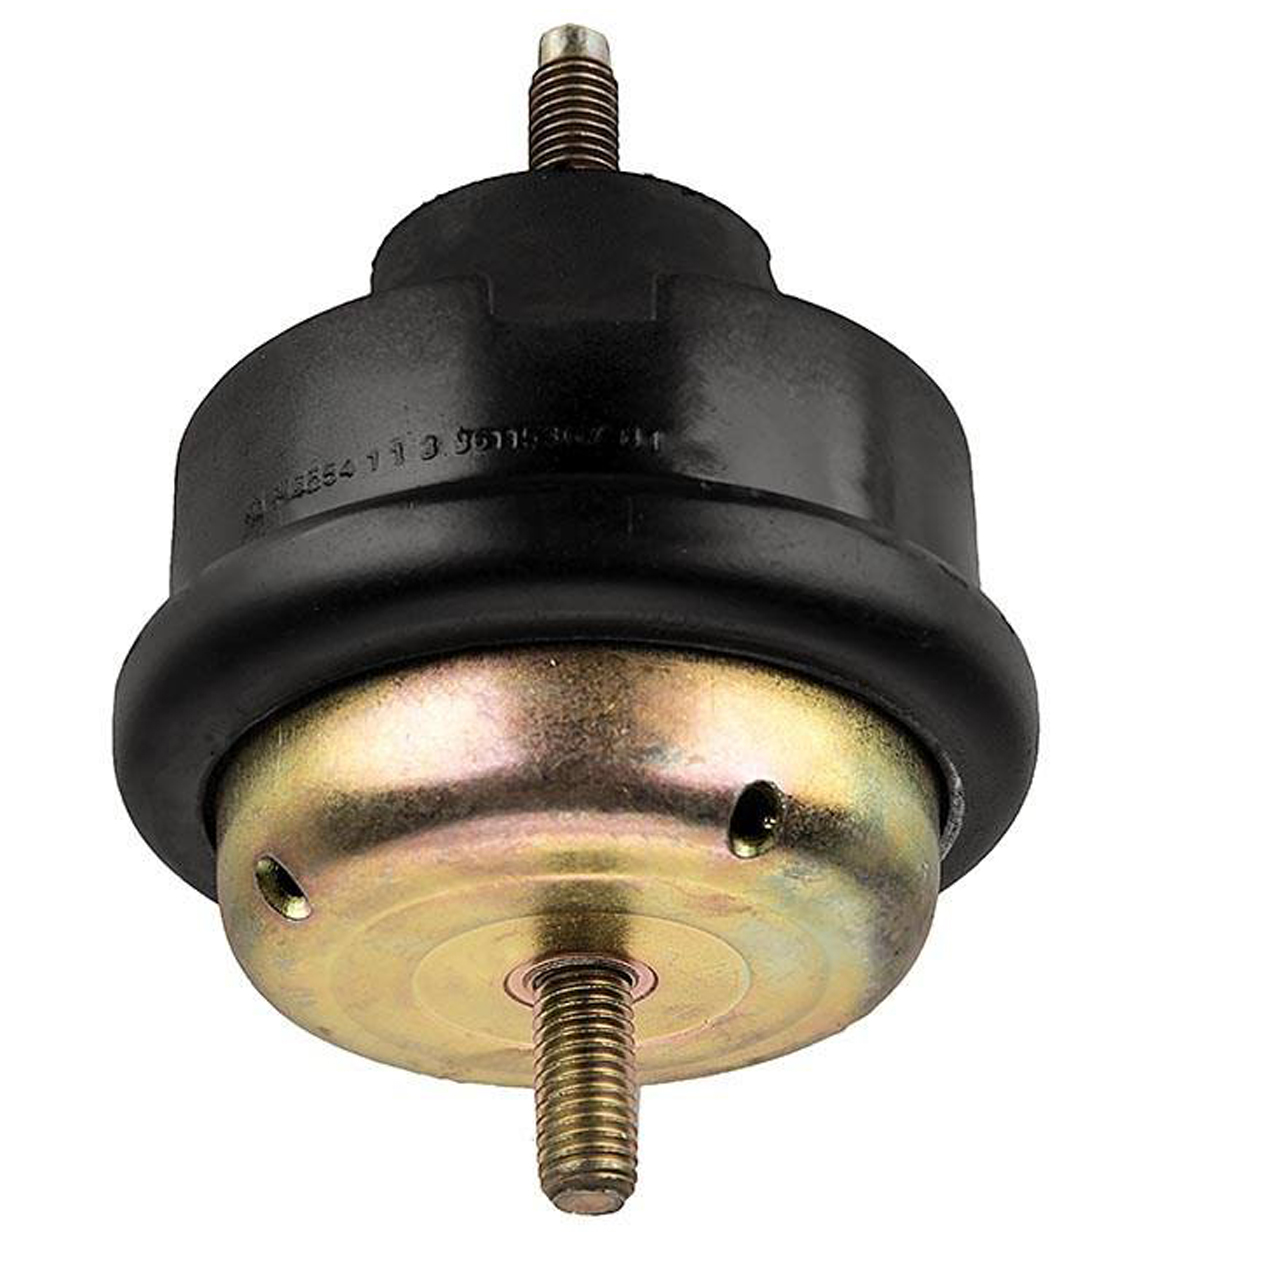 دسته موتور امیرنیا کد 800546 مناسب برای پژو 206 تیپ 5